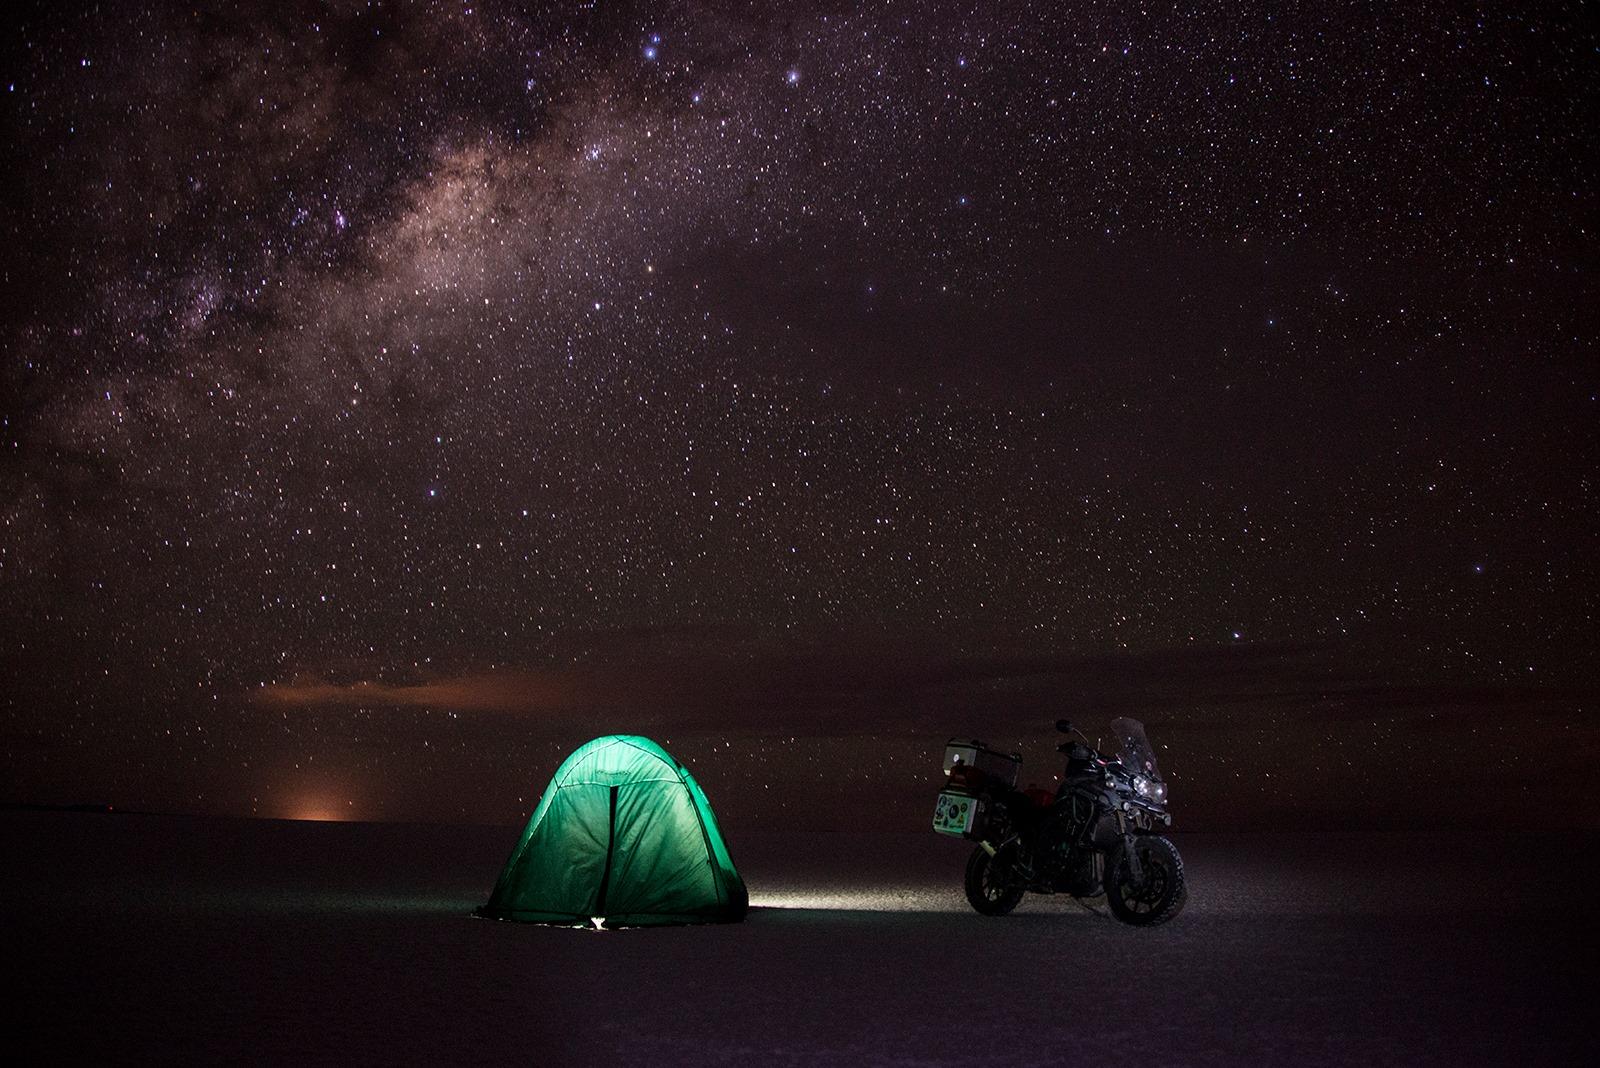 Ricardo Baggio acampado no meio do Salar de Uyuni